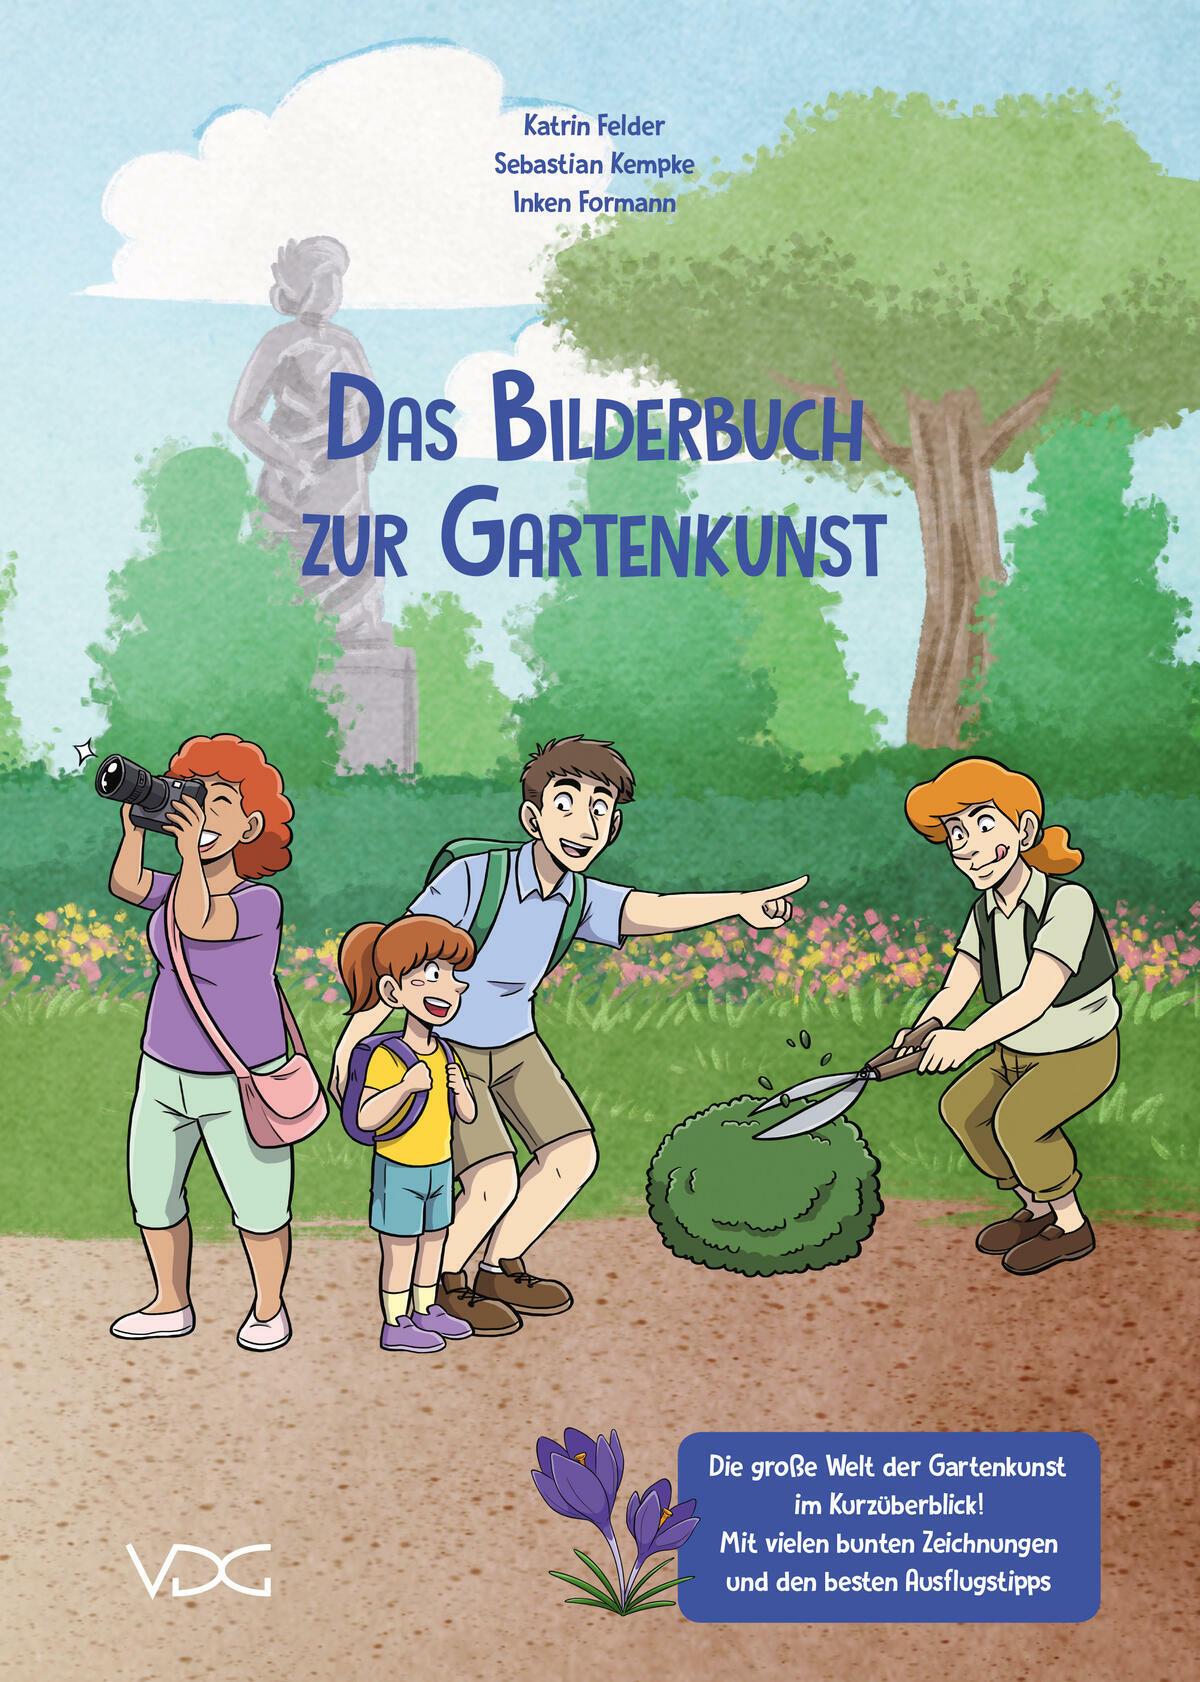 Das Bilderbuch zur Gartenkunst